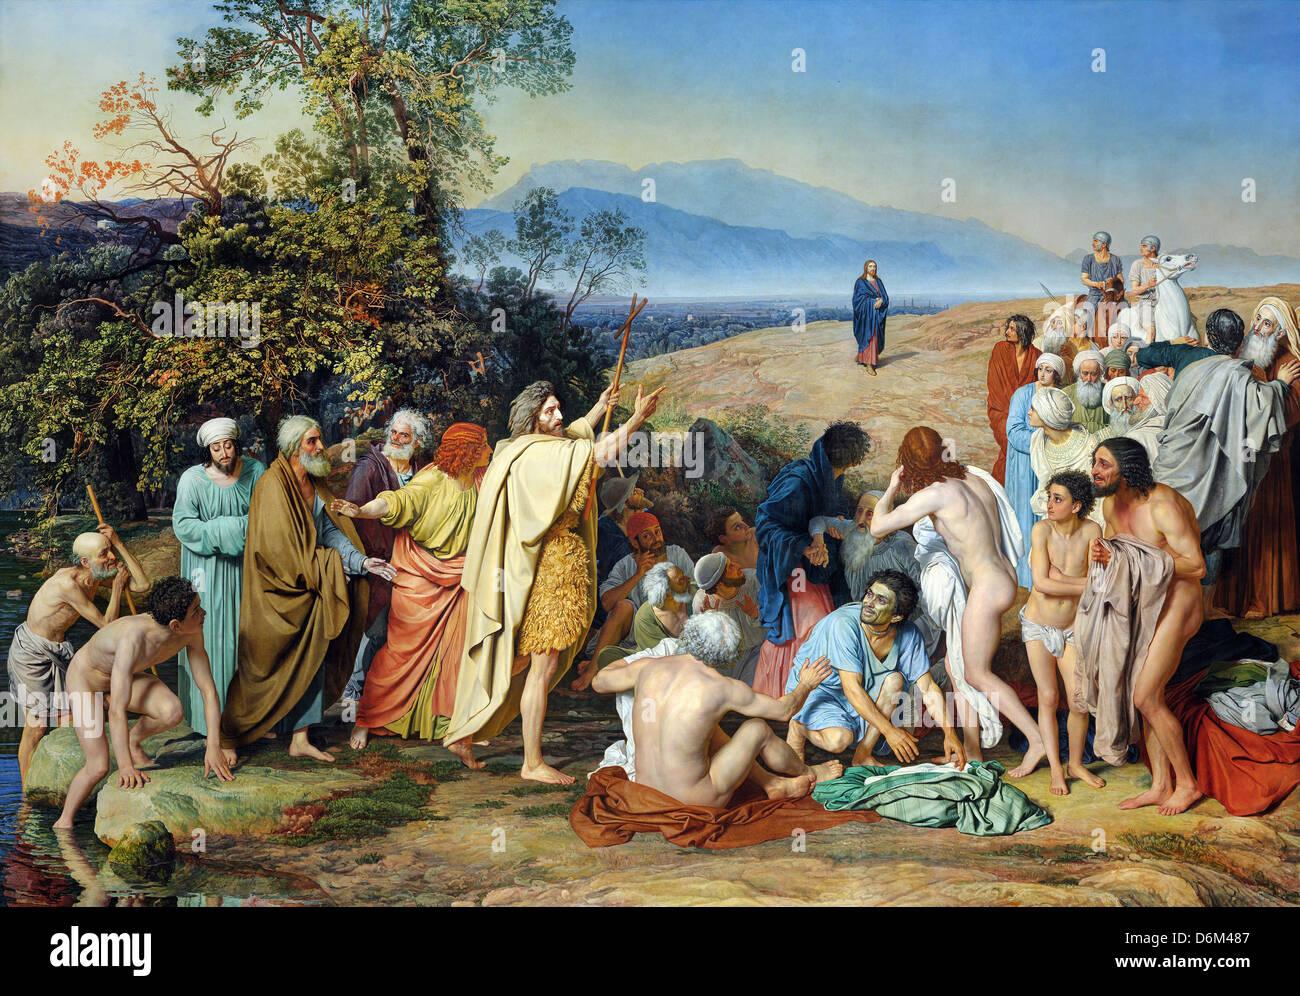 Alexey Venetsianov, aparición de Cristo al pueblo 1837-1857 Óleo sobre lienzo. Galería Tretyakov, Imagen De Stock